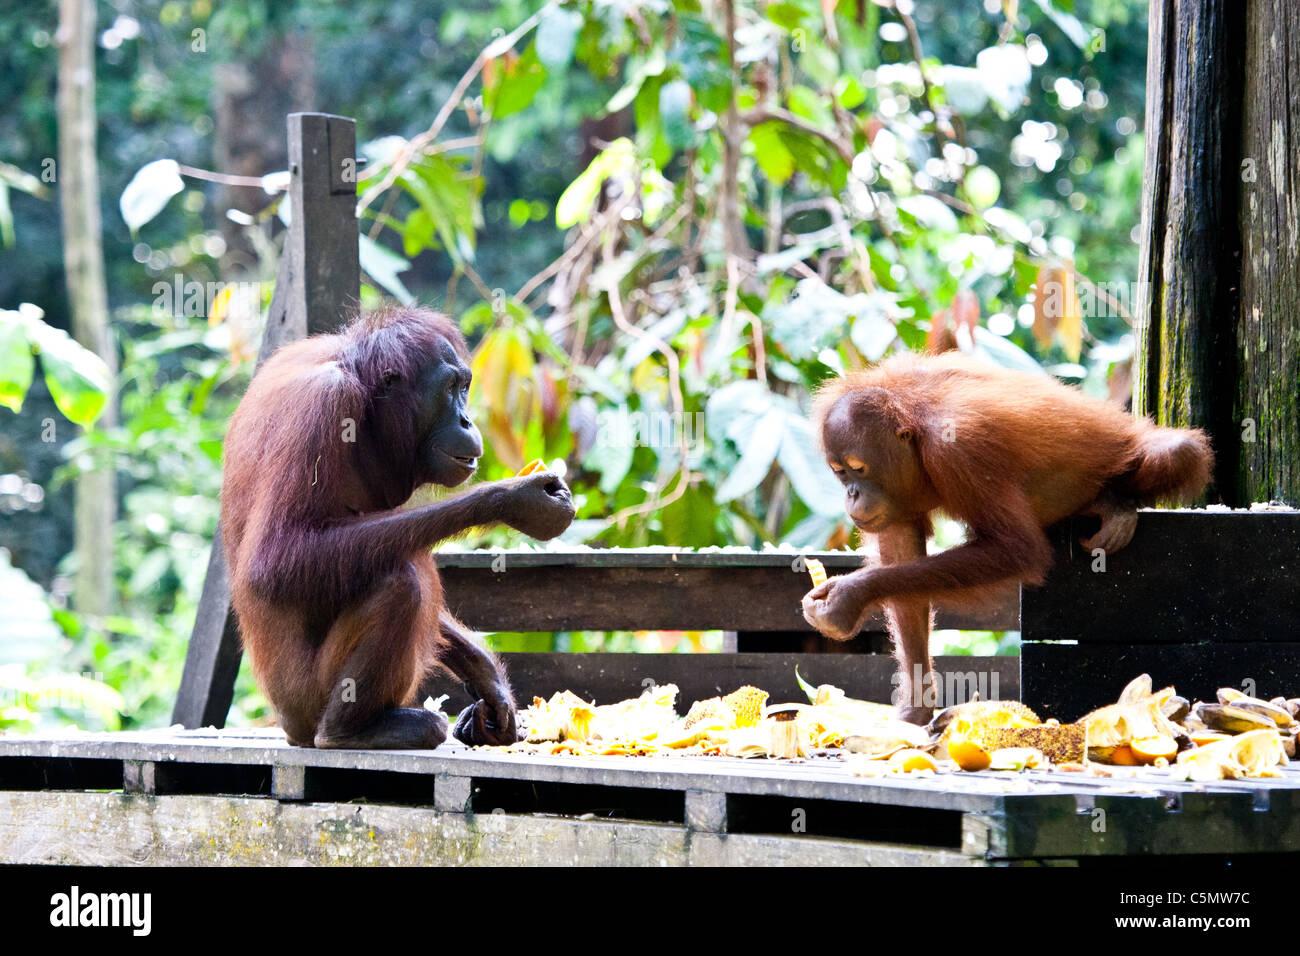 a seven-year-old orangutan Orangutan M W